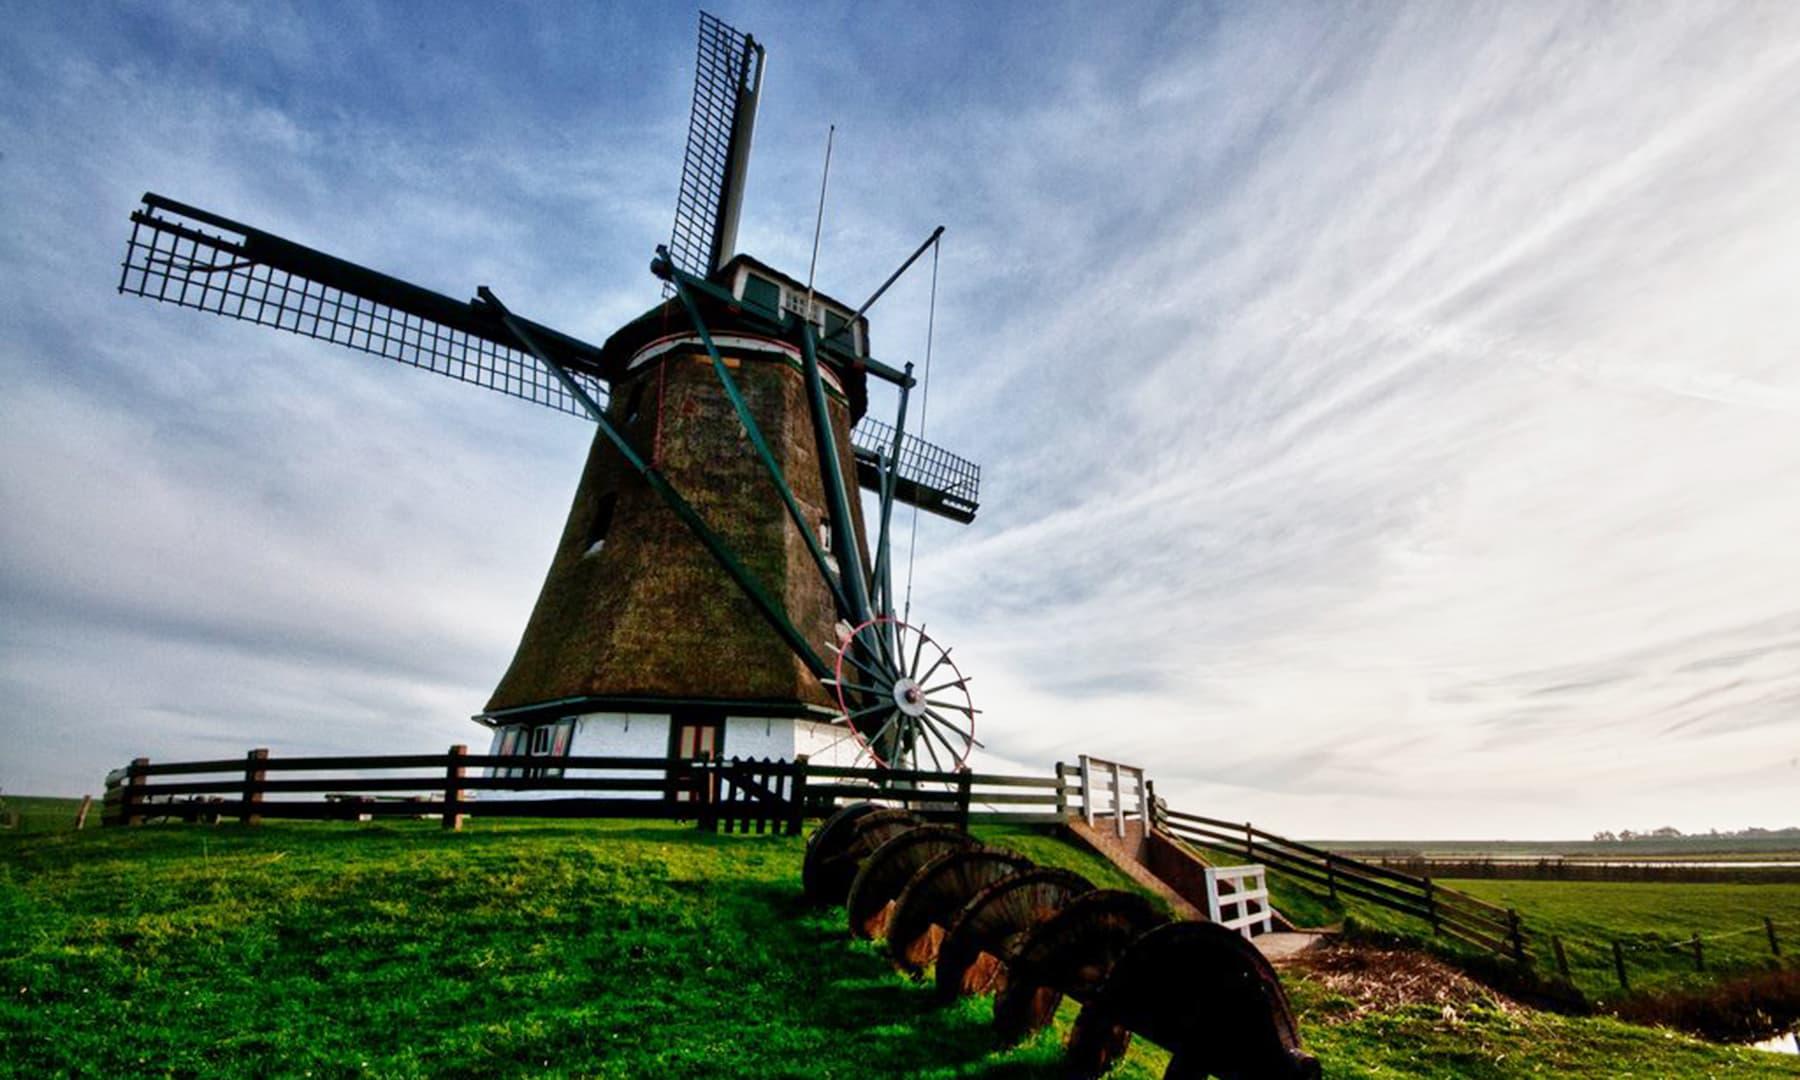 ہالینڈ میں ایک ہزار سے زائد پن چکیاں ابھی تک موجود ہیں